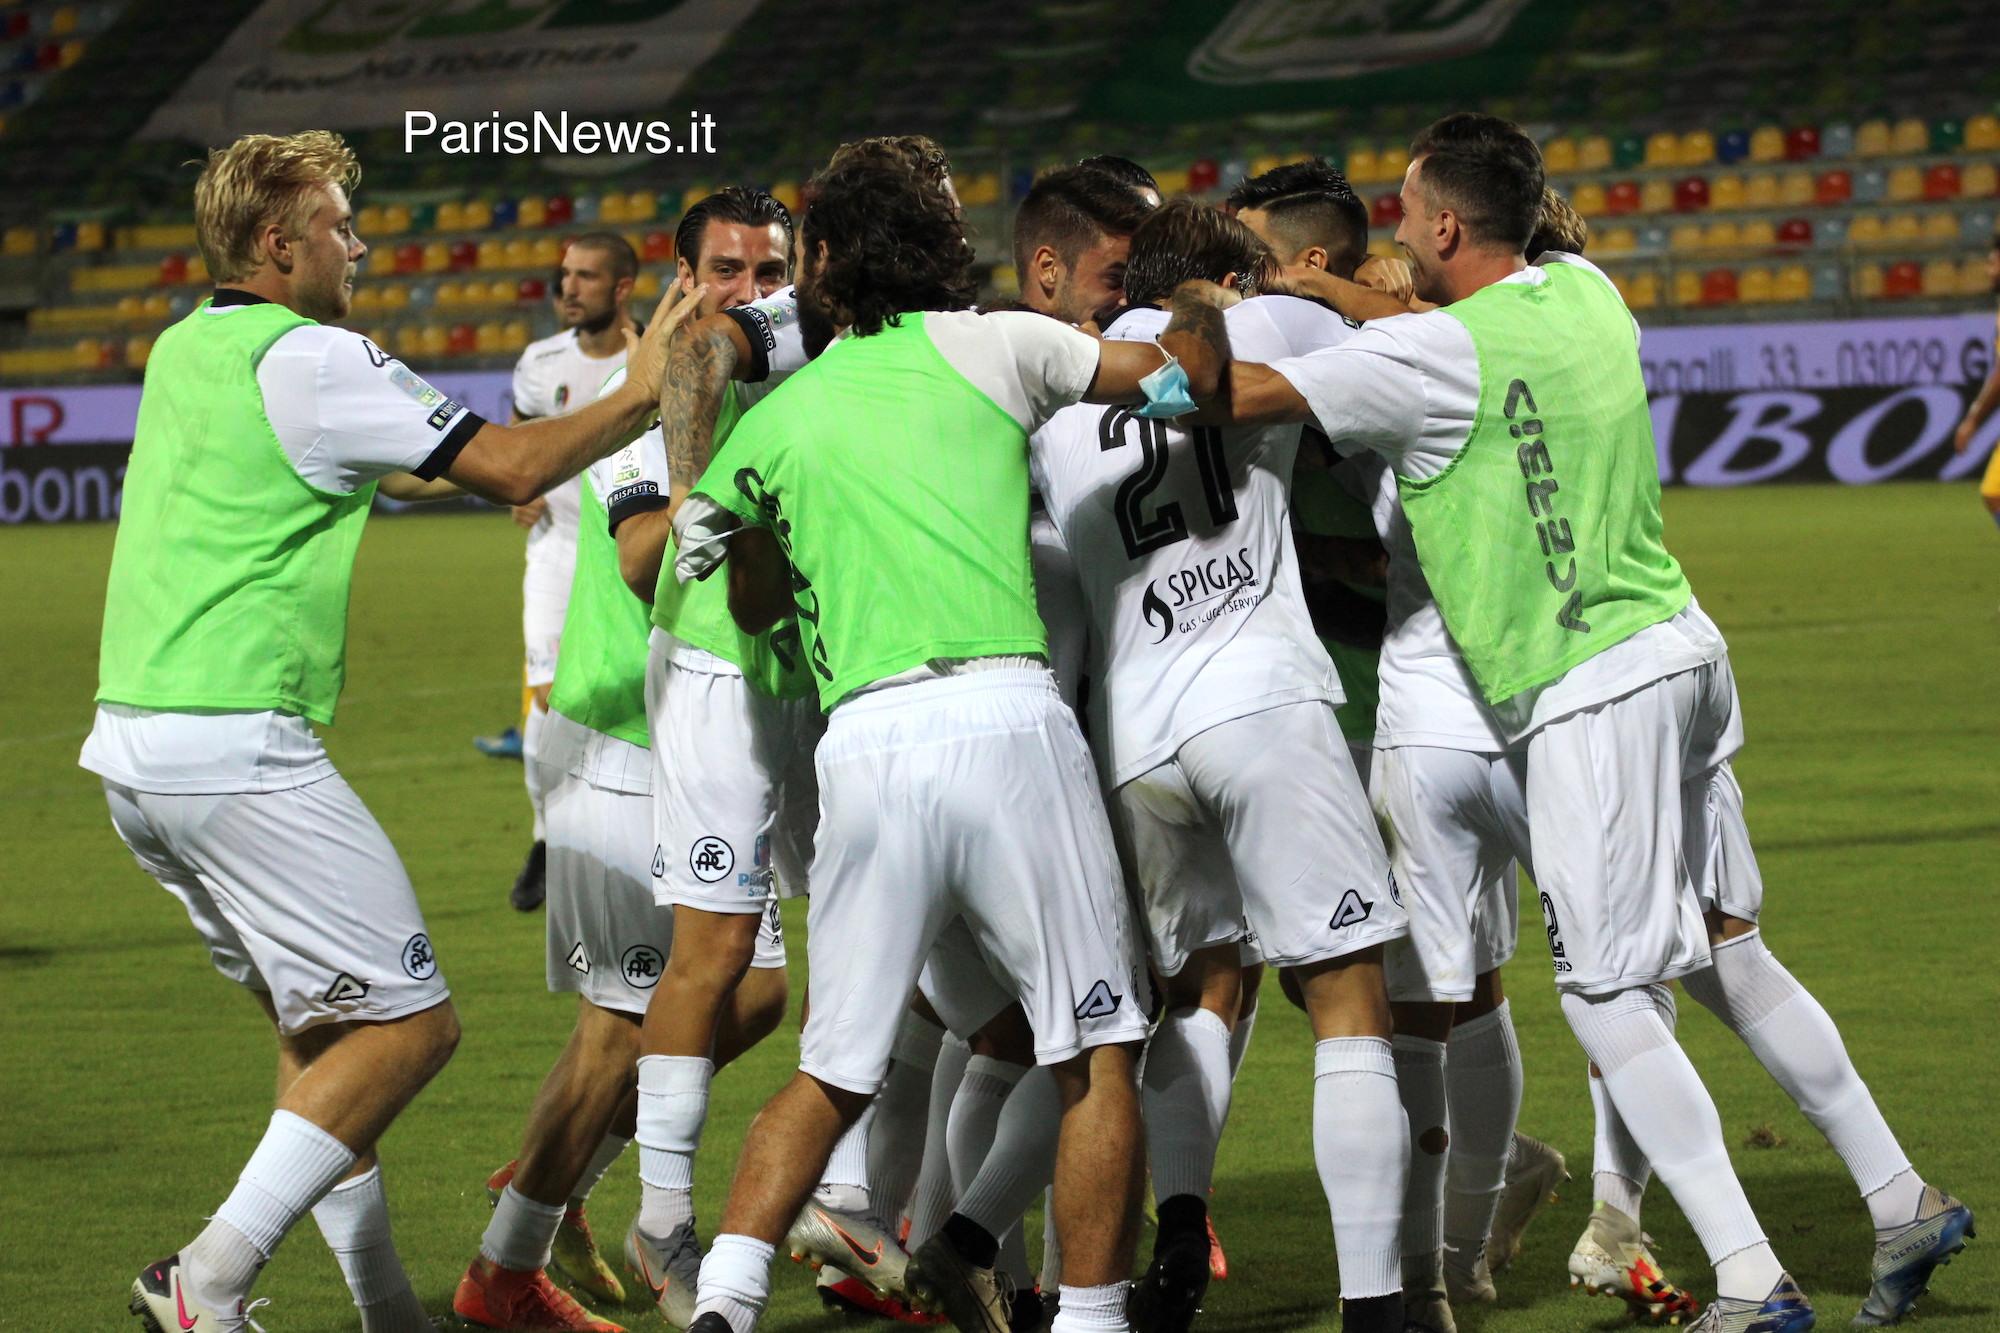 Spezia in Serie A, rammarico per il Frosinone